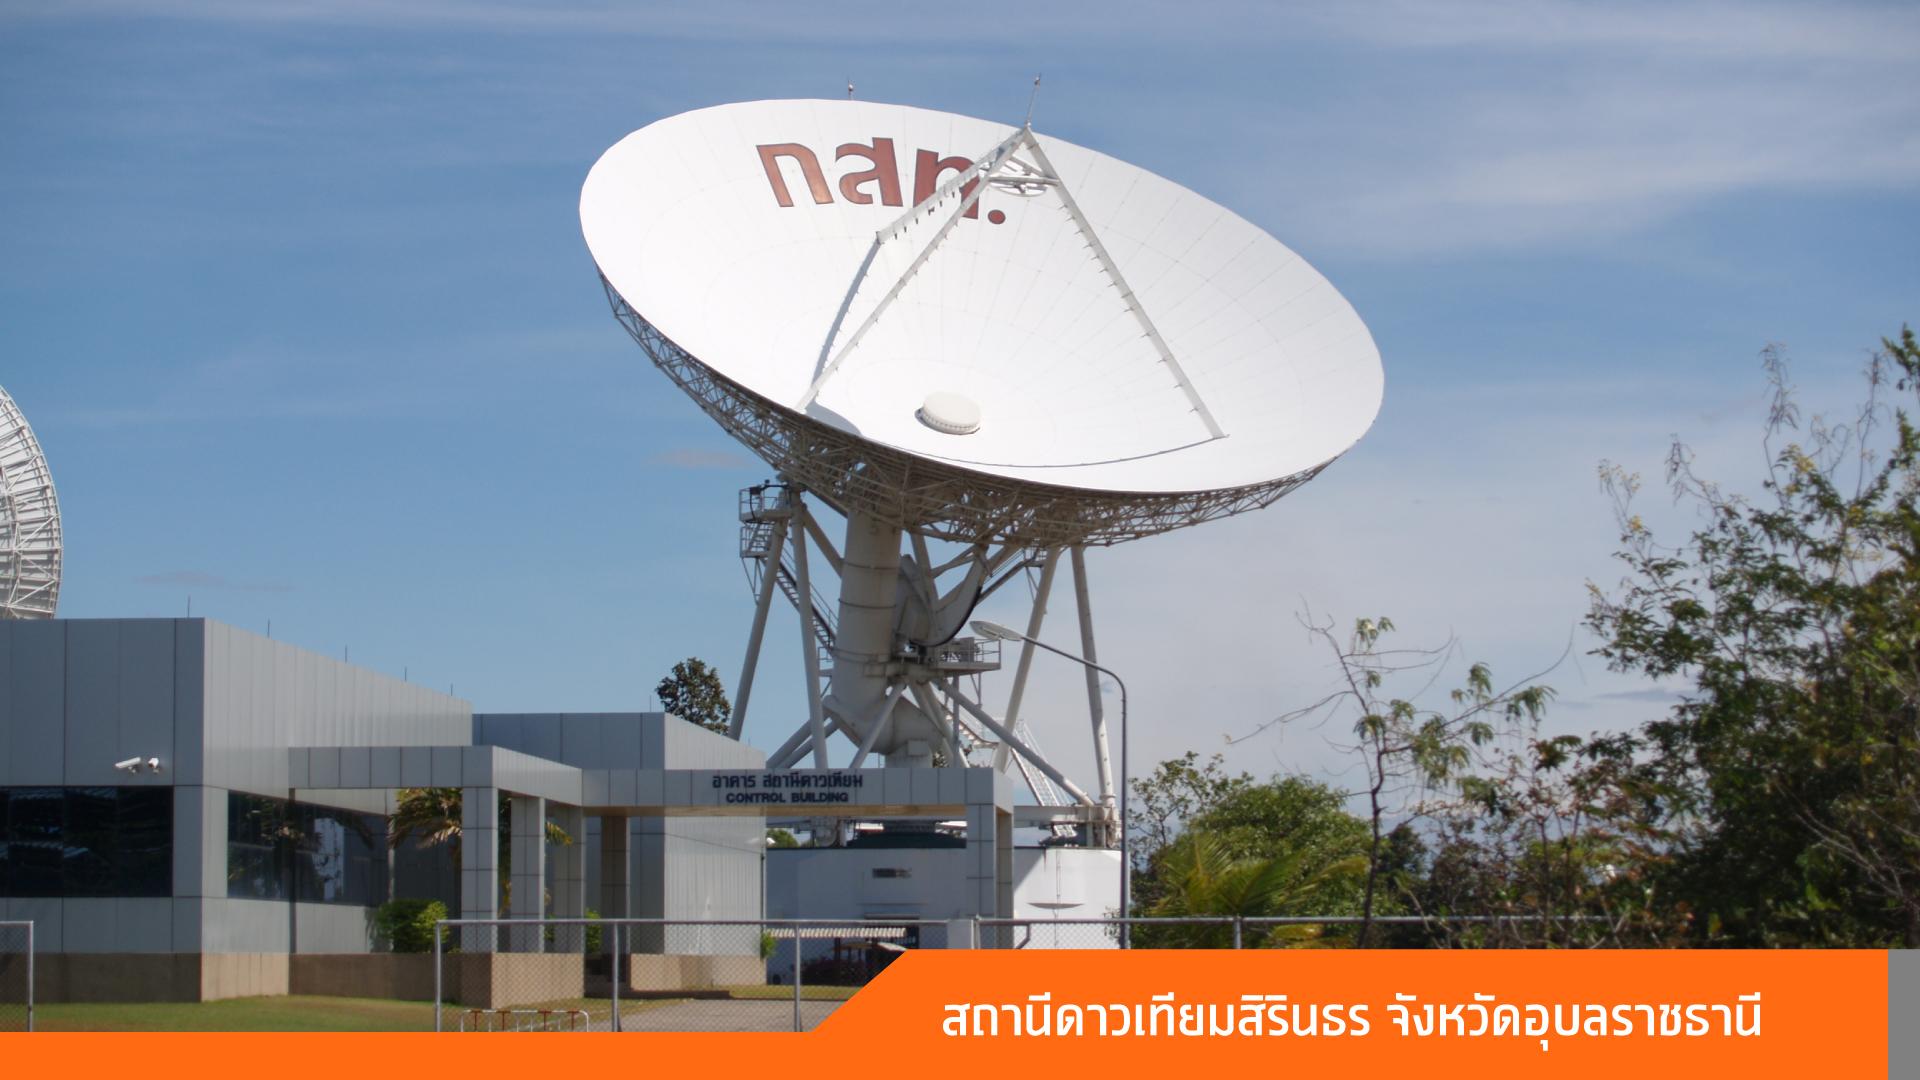 4.สถานีดาวเทียมสิรินธร